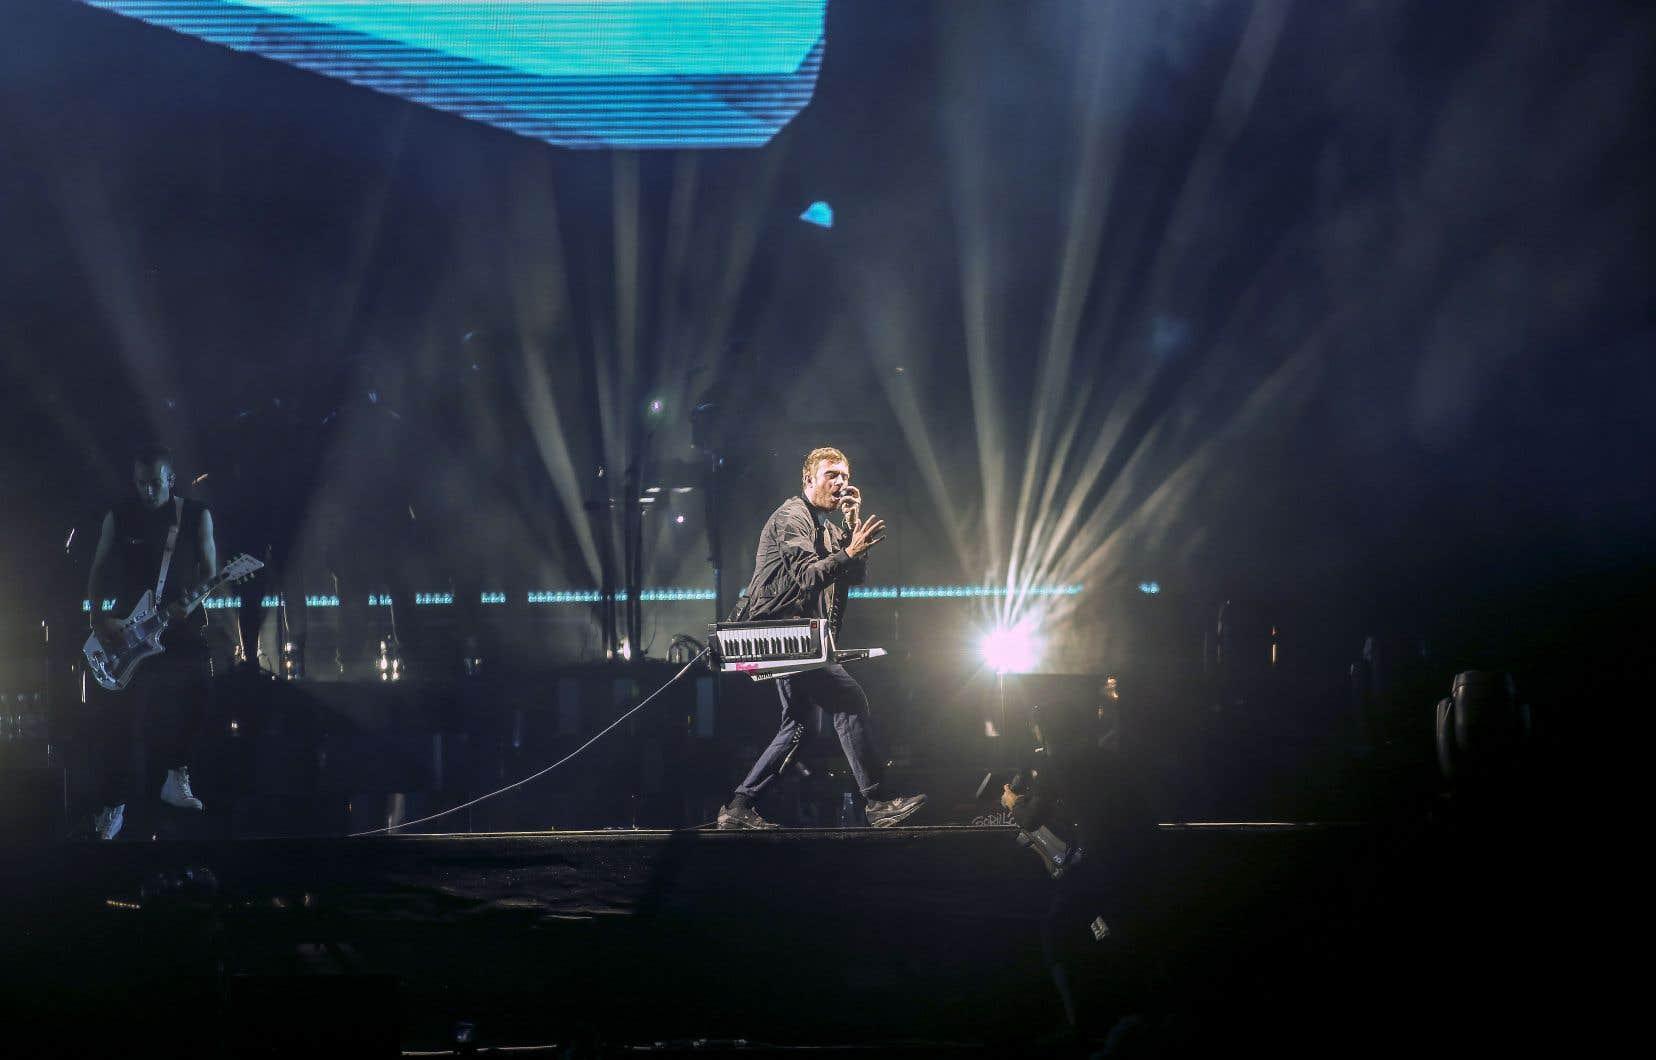 Aucun effet scénographique pour le concert, sinon les écrans géants et un solide système d'éclairage. Tout le budget a été investi dans le personnel, la douzaine de musiciens et les invités spéciaux.